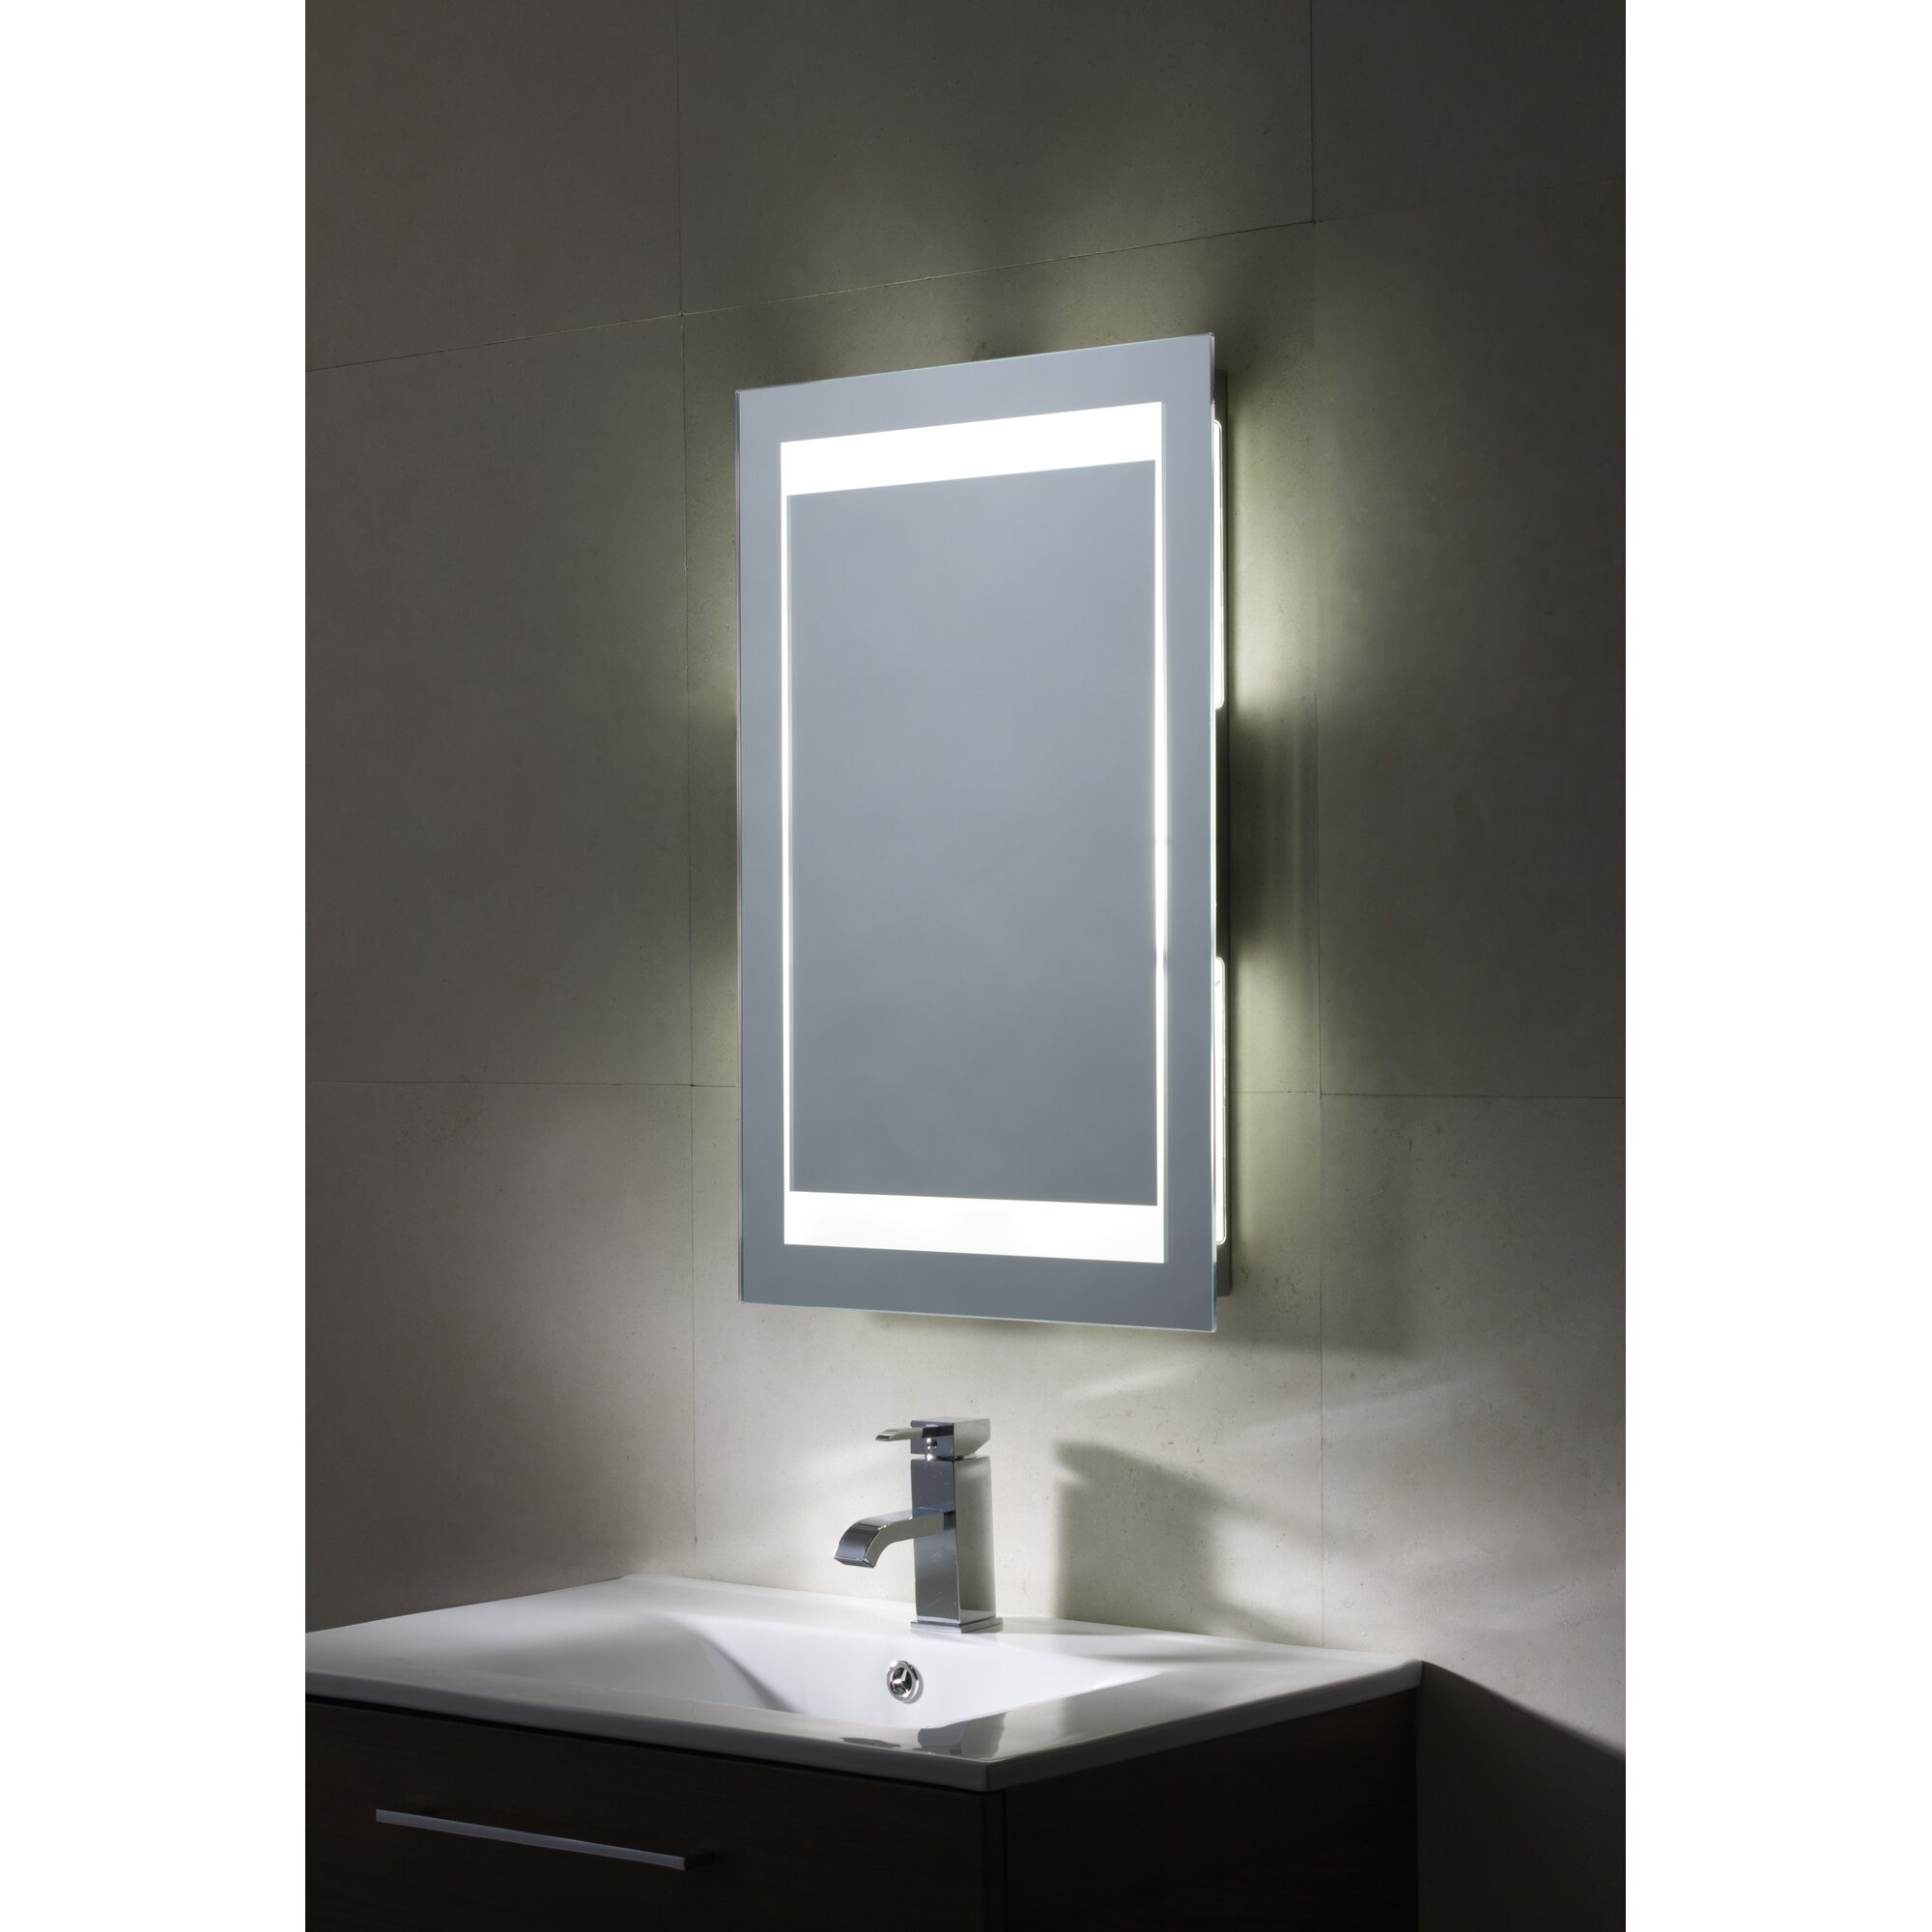 Tavistock spiegel transform bewertungen for Spiegel suche